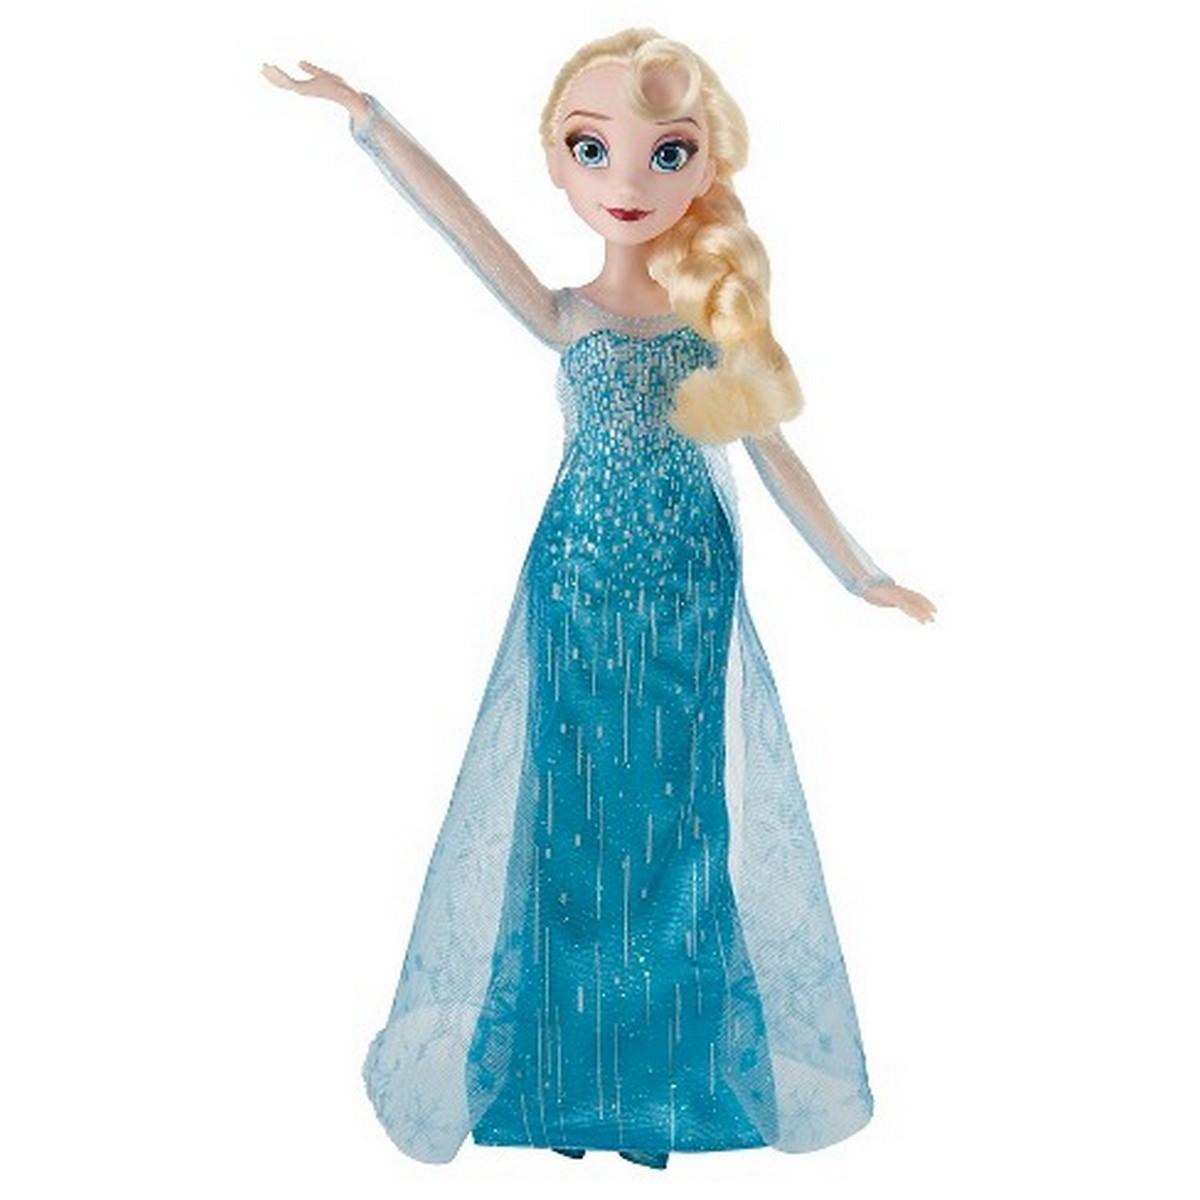 Frozen Elsa Doll for Girls